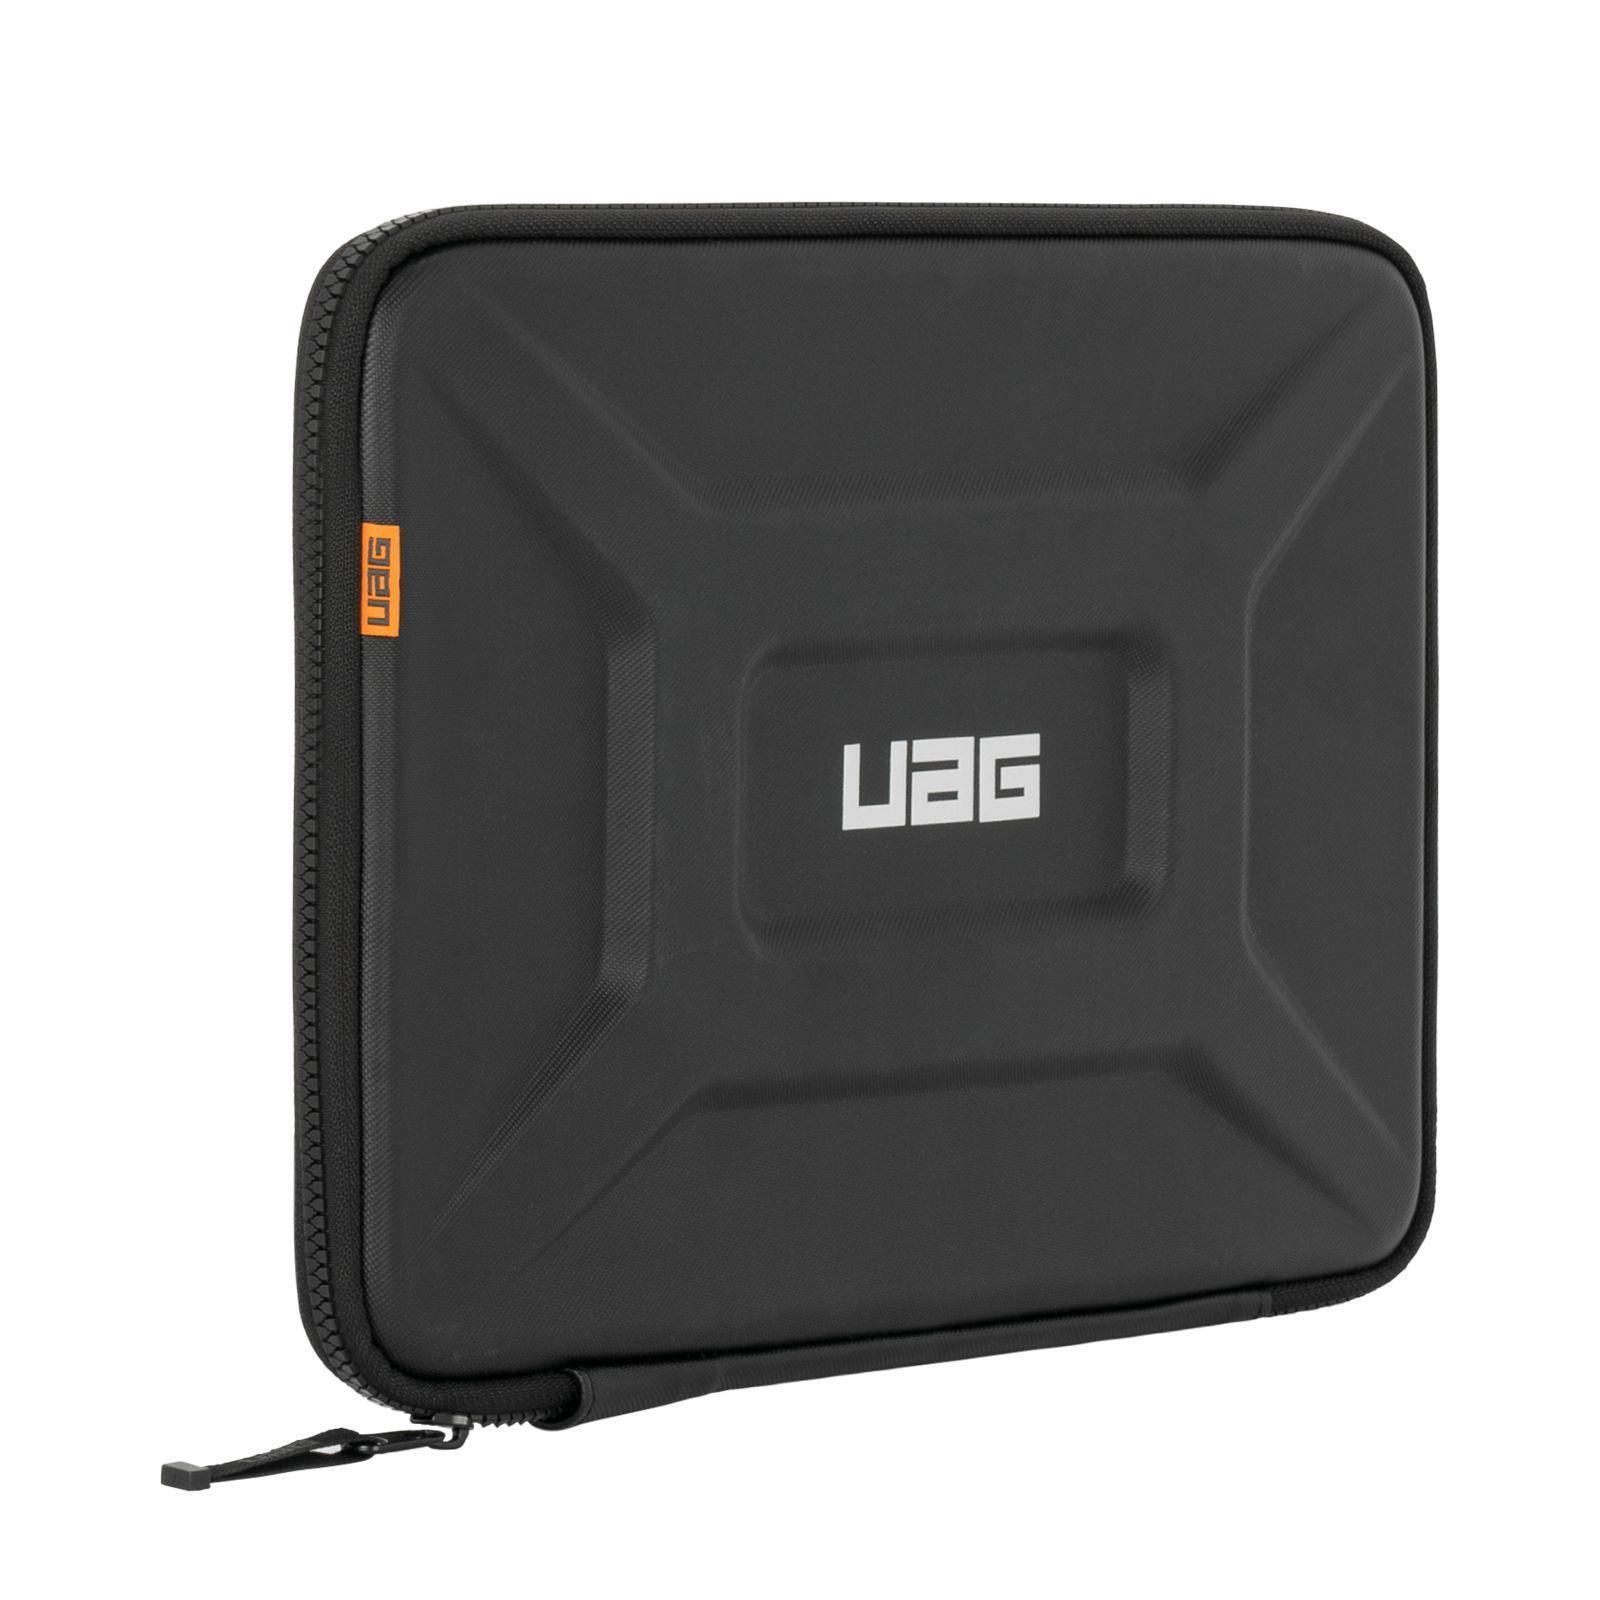 Laptop Sleeve Black - Medium, upp till 13 tum